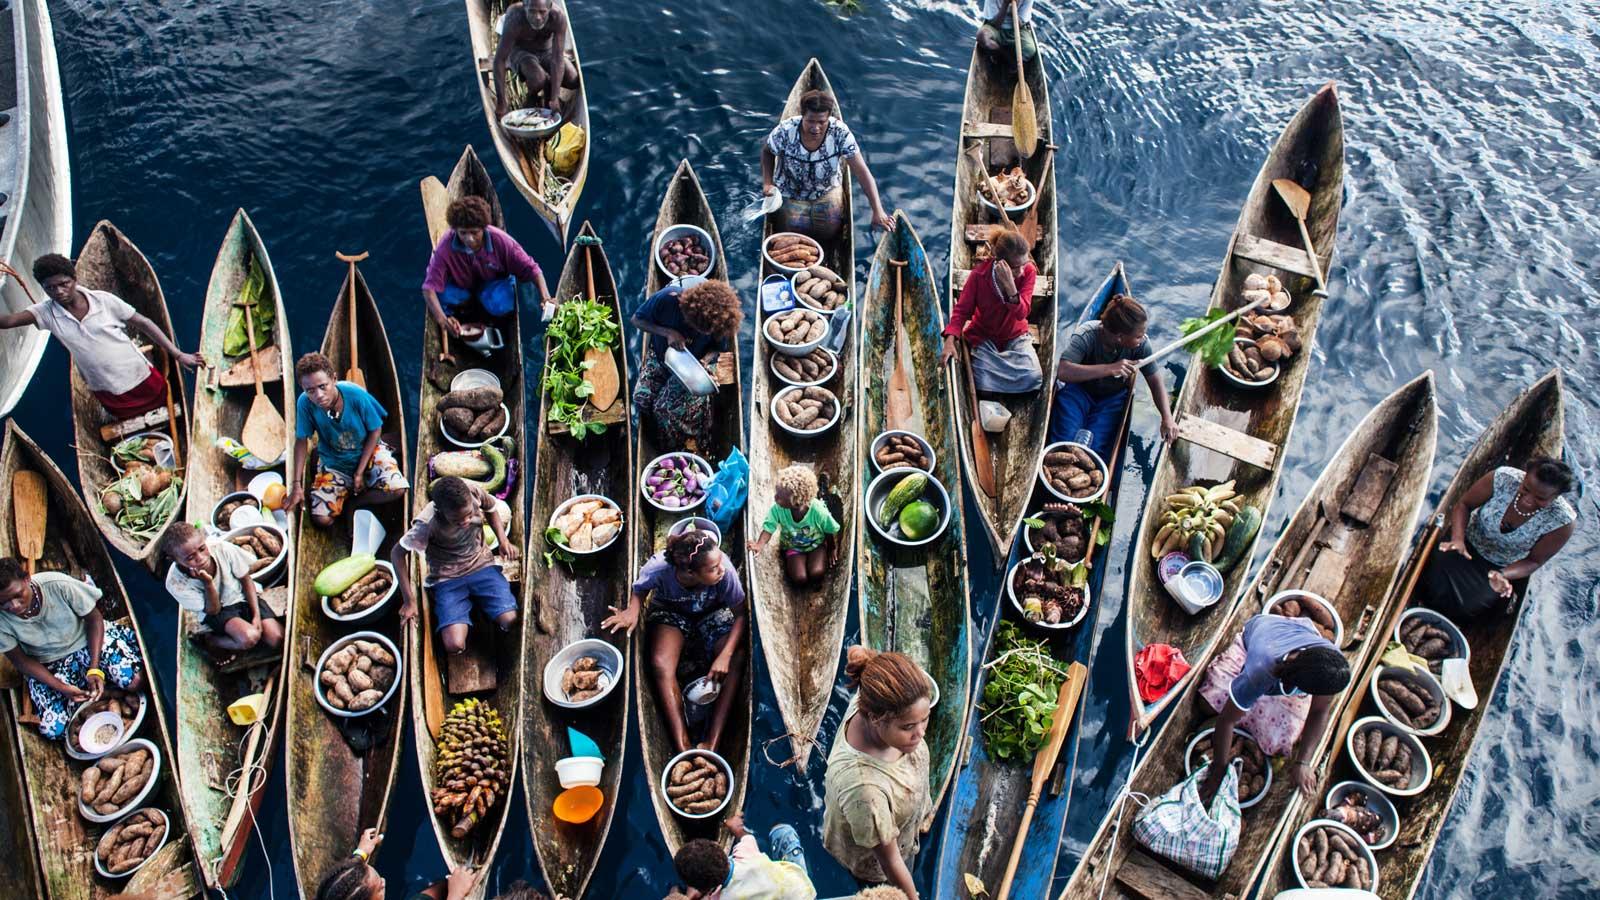 Solomon Adaları'ndaki Türk Firmaları